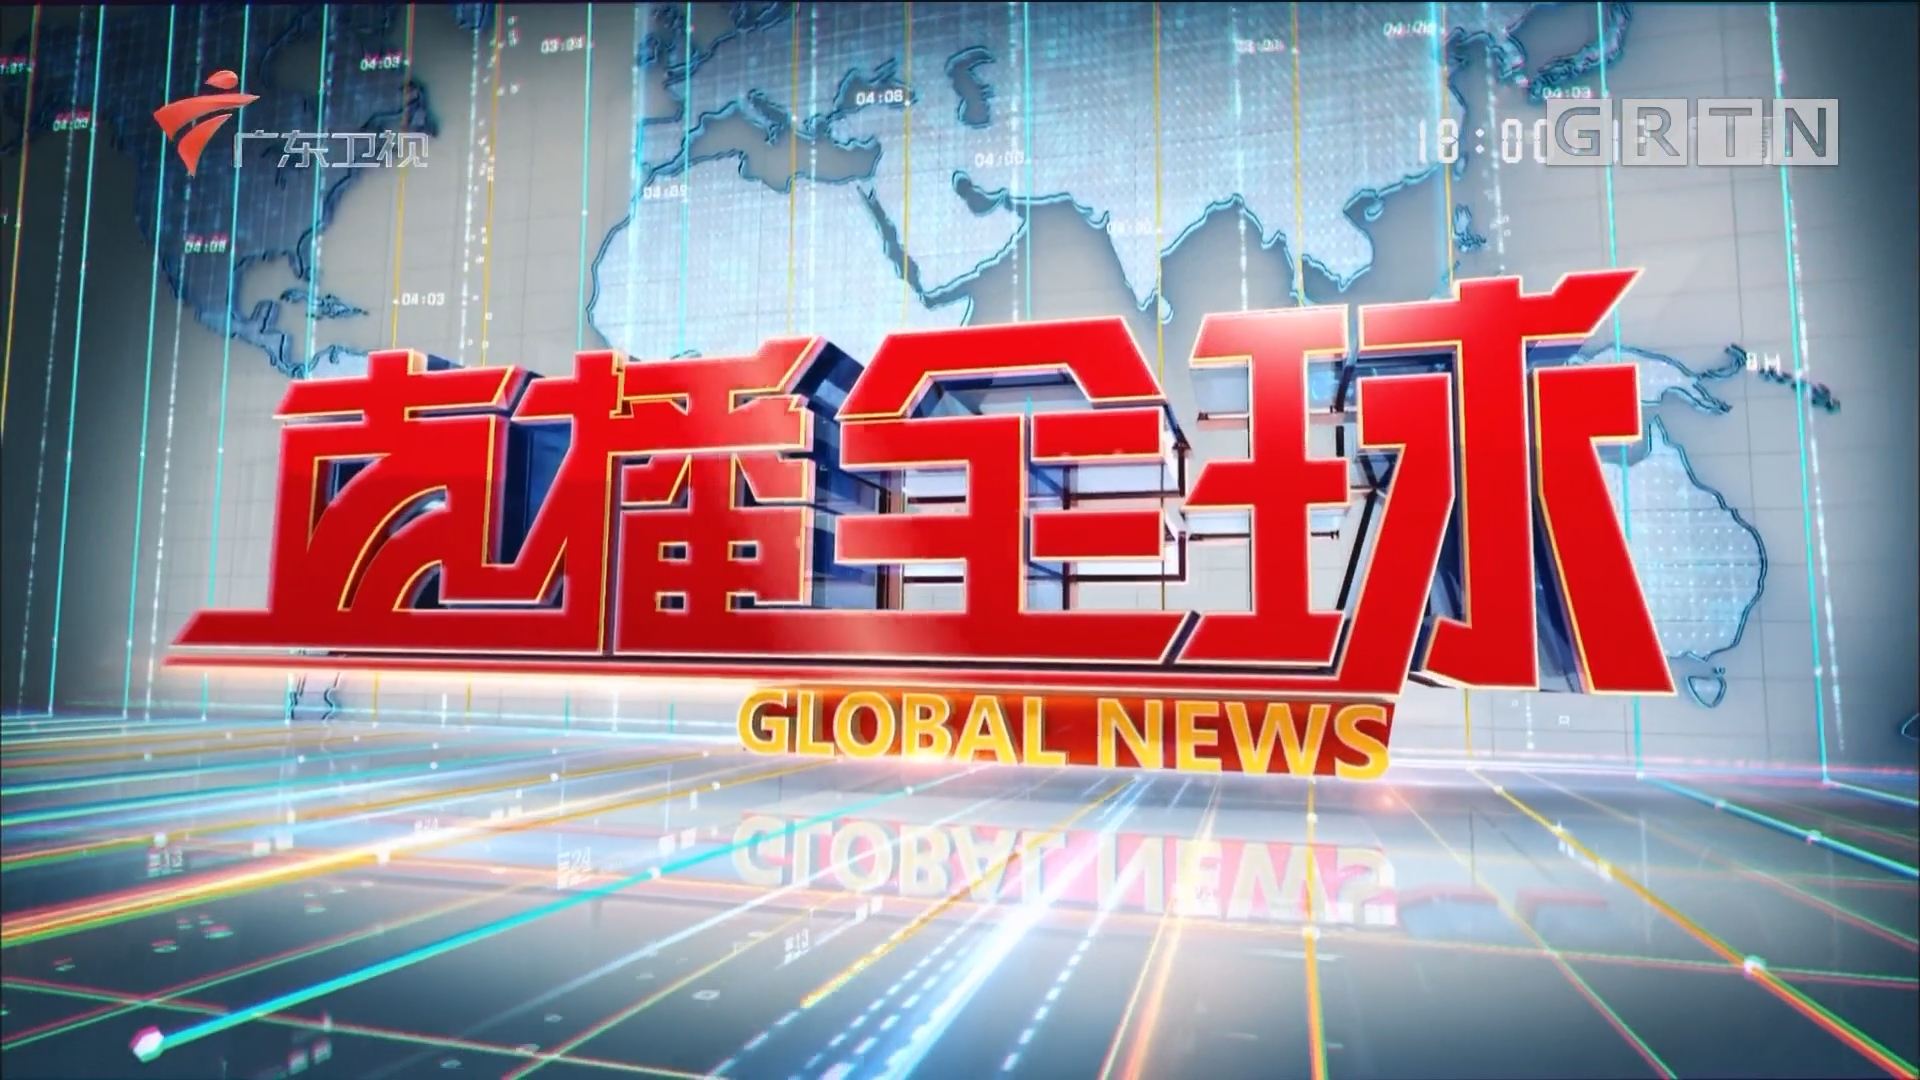 [HD][2018-07-10]直播全球:泰国普吉游船倾覆事故最新进展:失联游客下落不查明 搜救工作不会停止